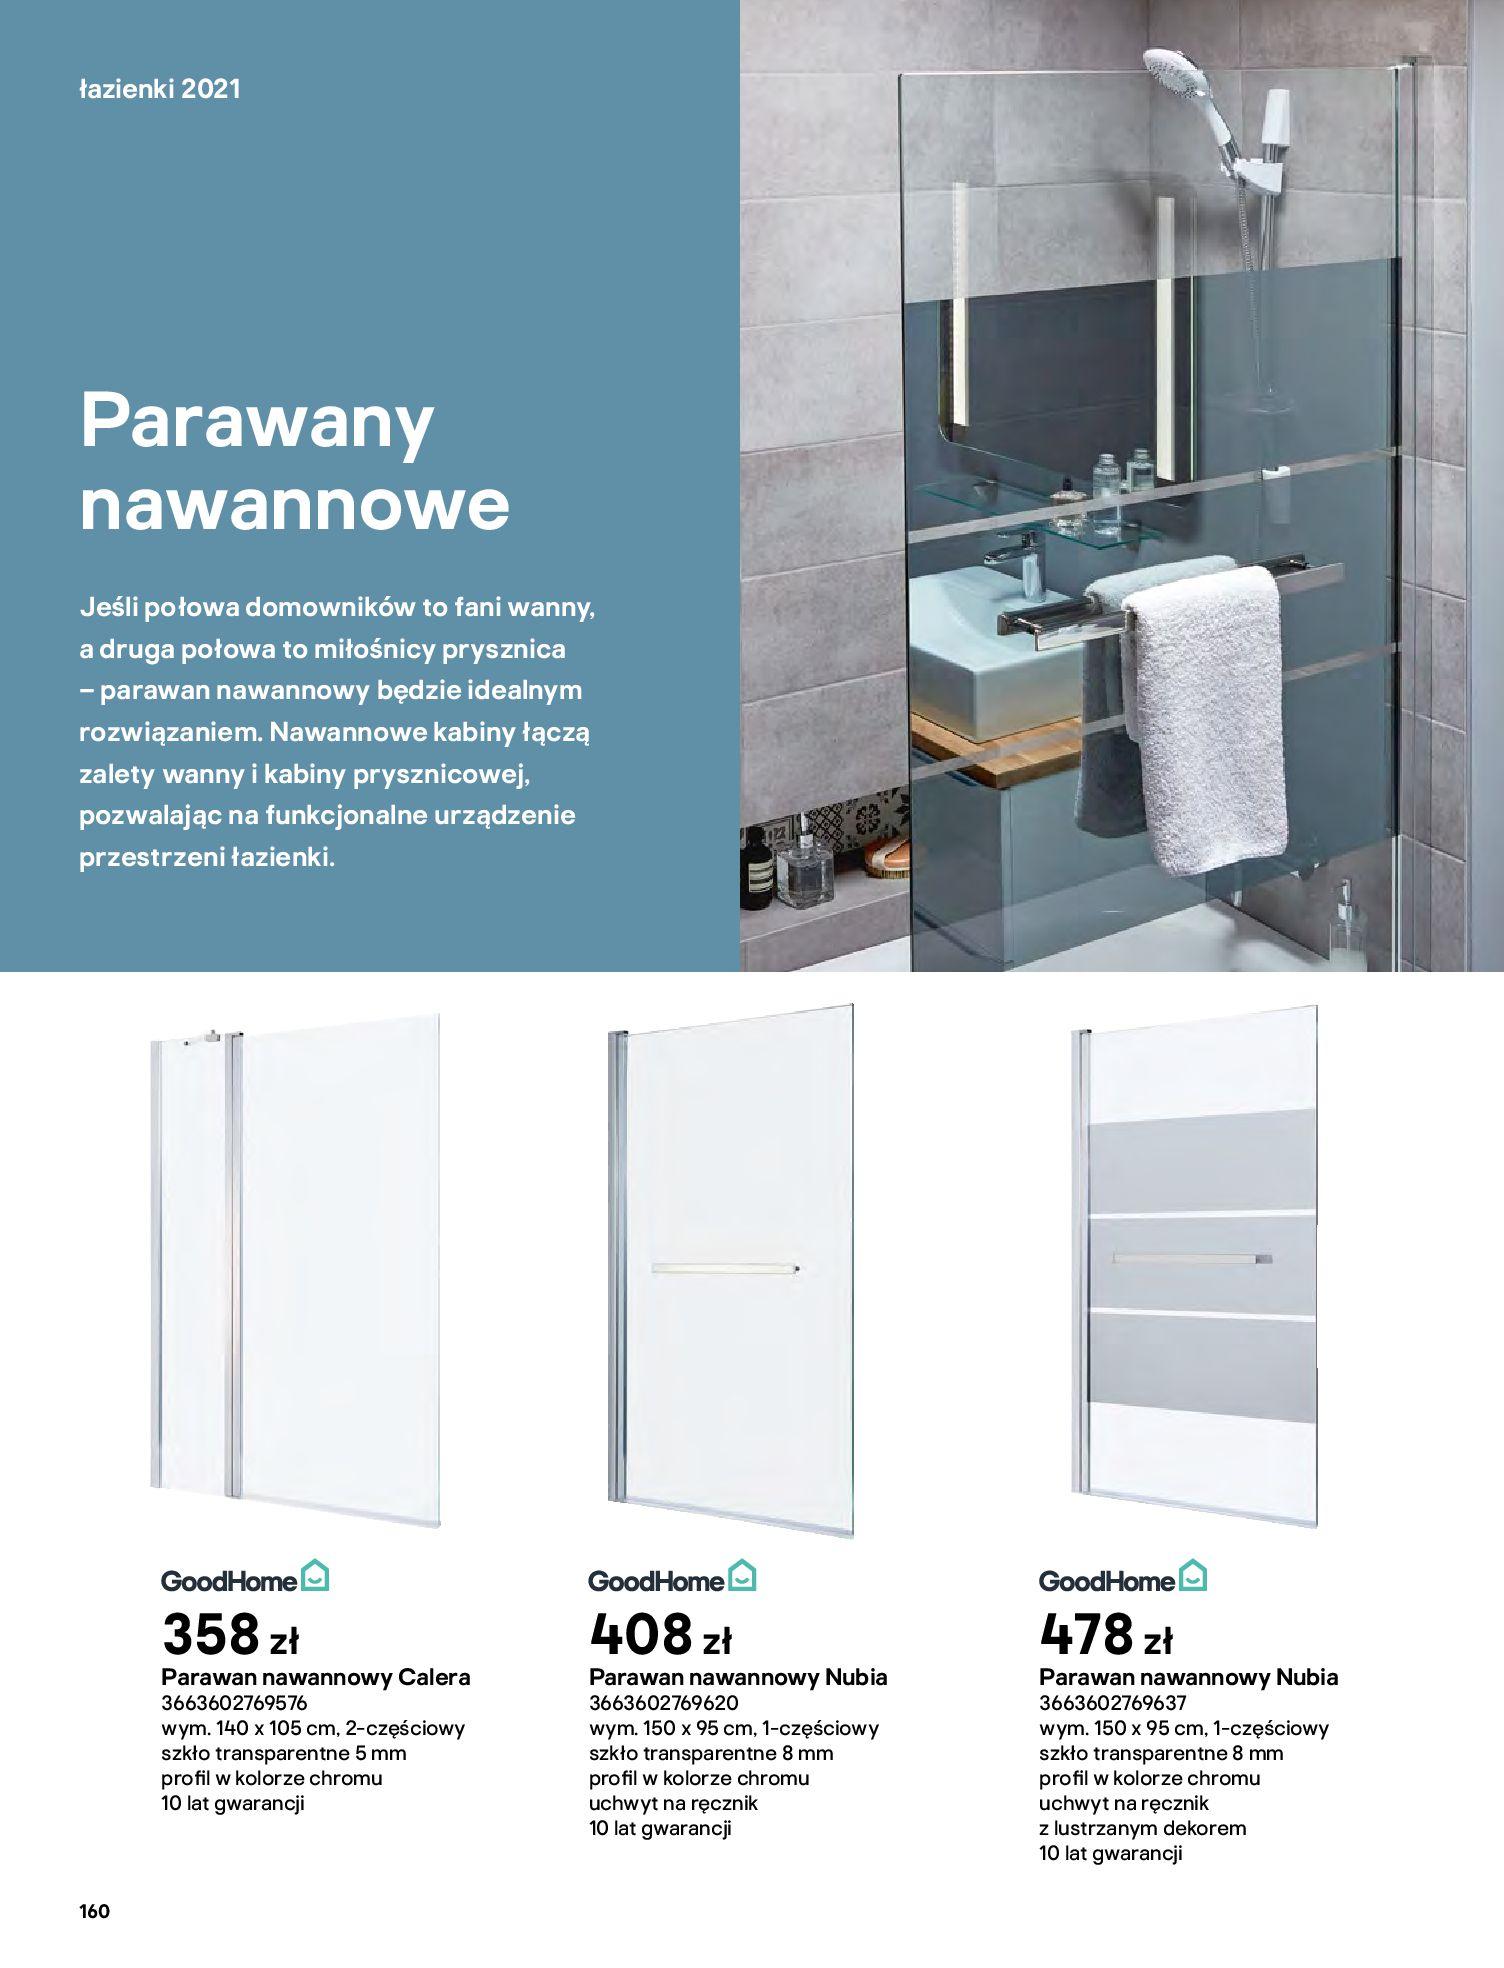 Gazetka Castorama: Gazetka Castorama - katalog łazienki 2021 2021-06-16 page-160